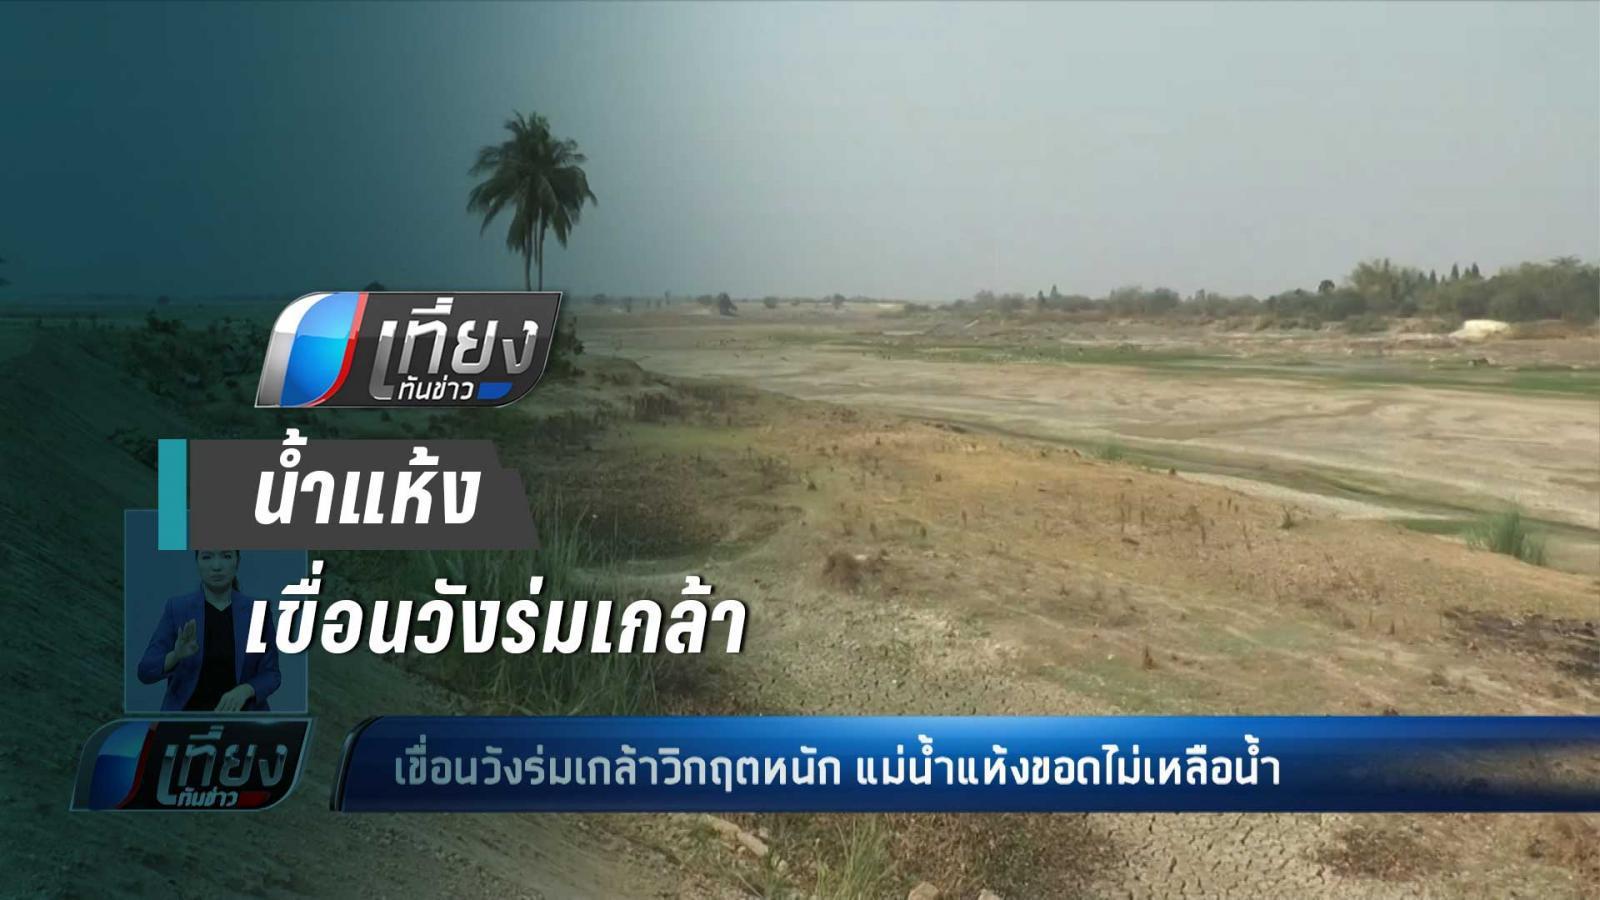 เขื่อนวังร่มเกล้าวิกฤตหนัก แม่น้ำแห้งขอดไม่เหลือน้ำ